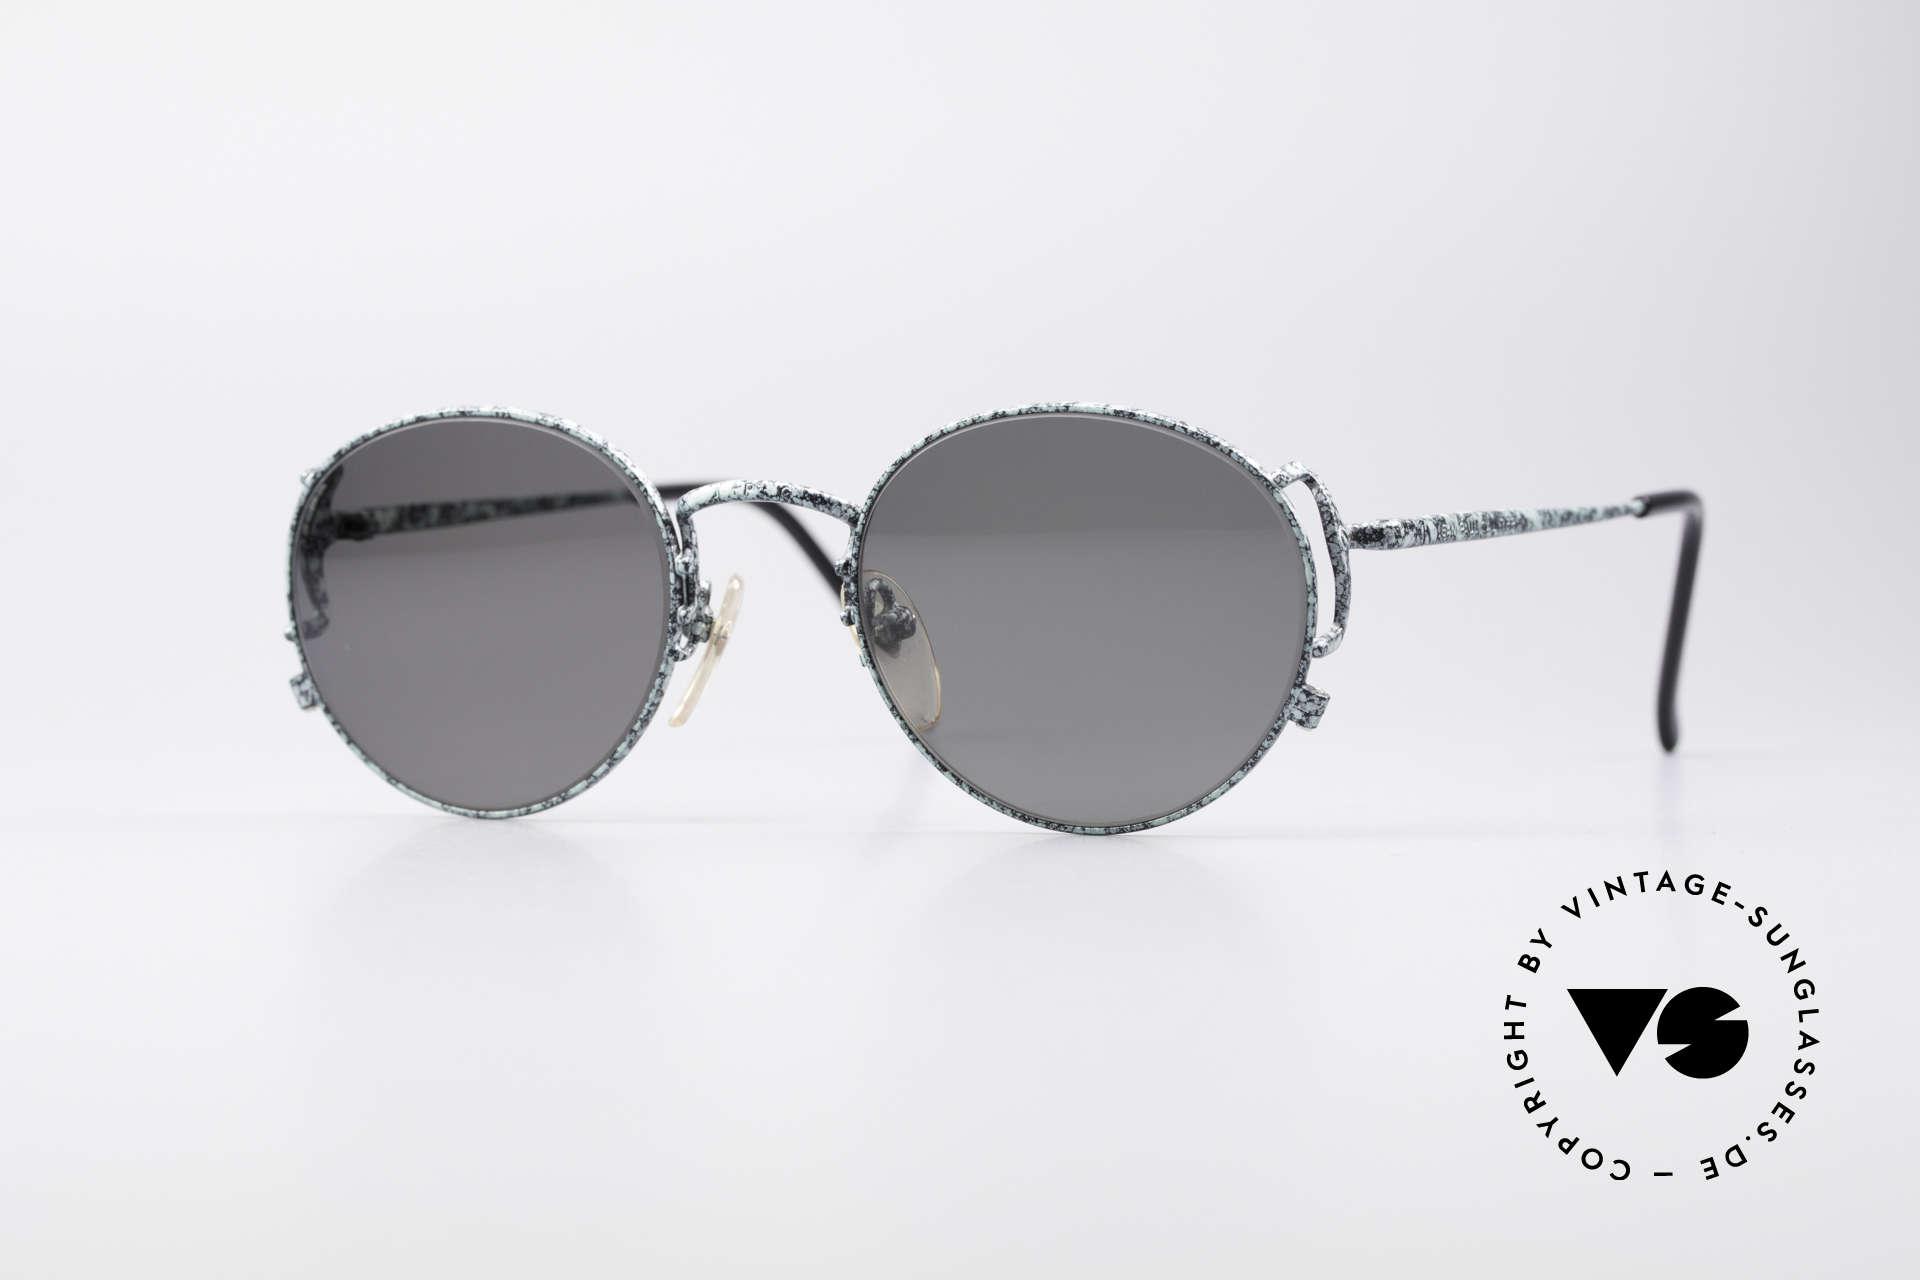 Jean Paul Gaultier 55-3178 Polarisierende Sonnenbrille, edle Jean Paul Gaultier 90er Jahre Sonnenbrille, Passend für Herren und Damen